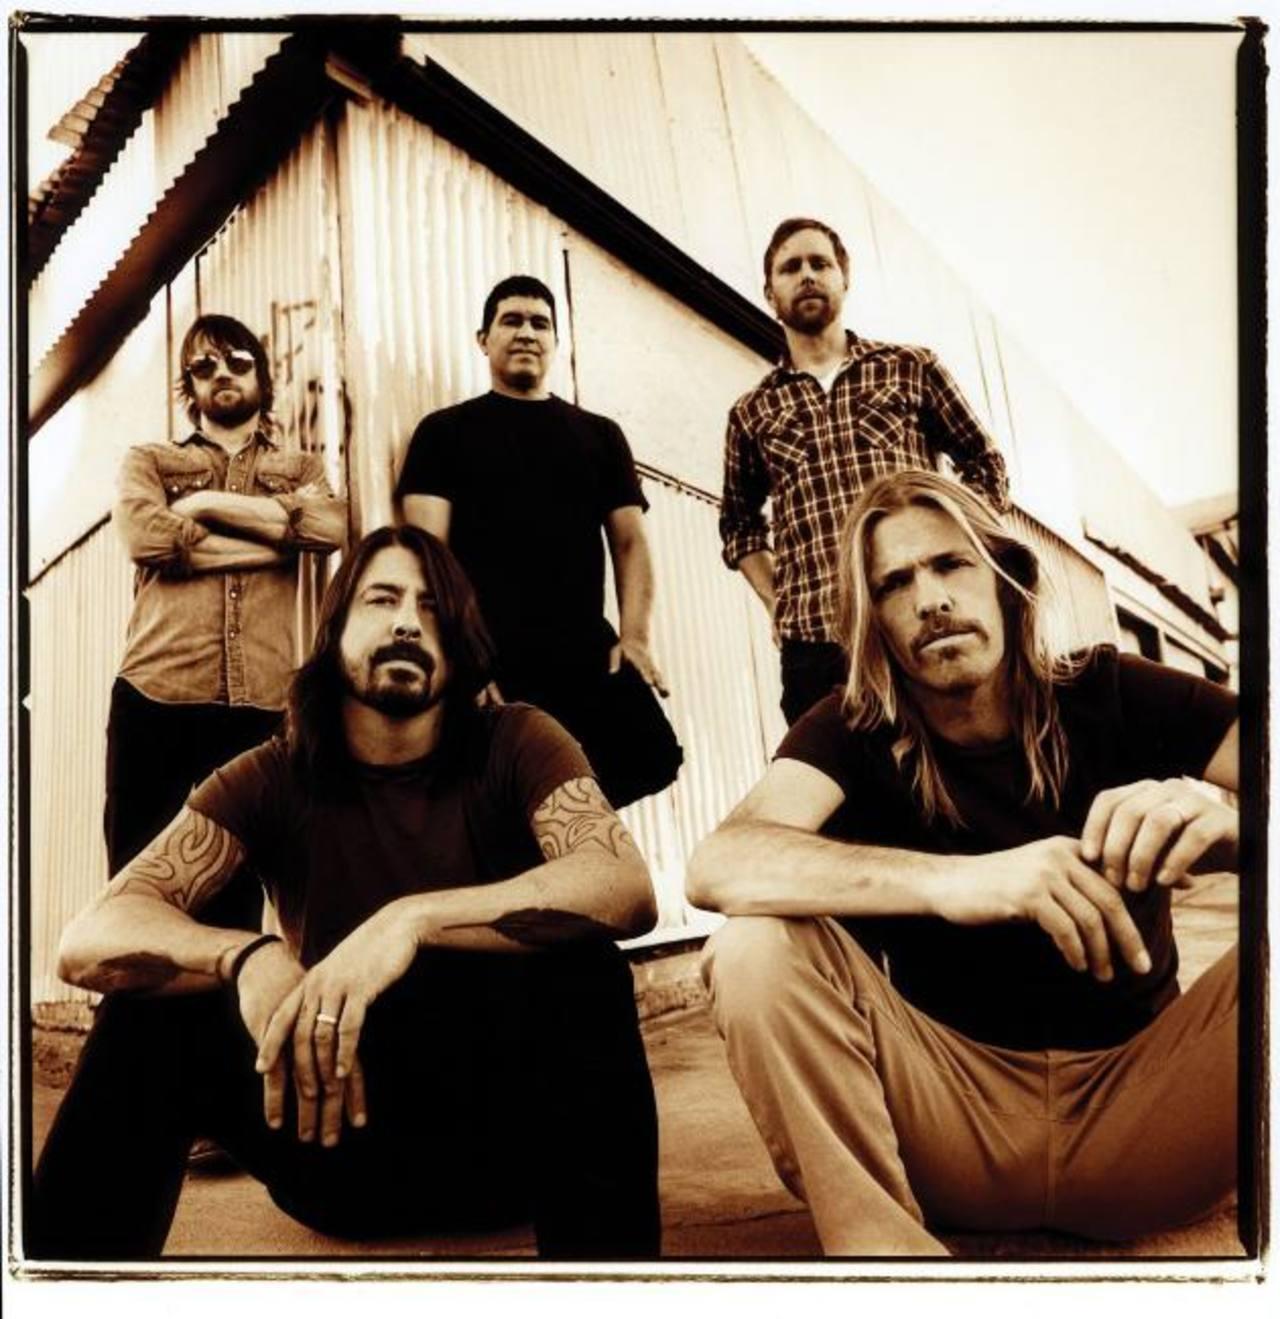 La banda también estrenará una serie de televisión que emitirá la cadena HBO.